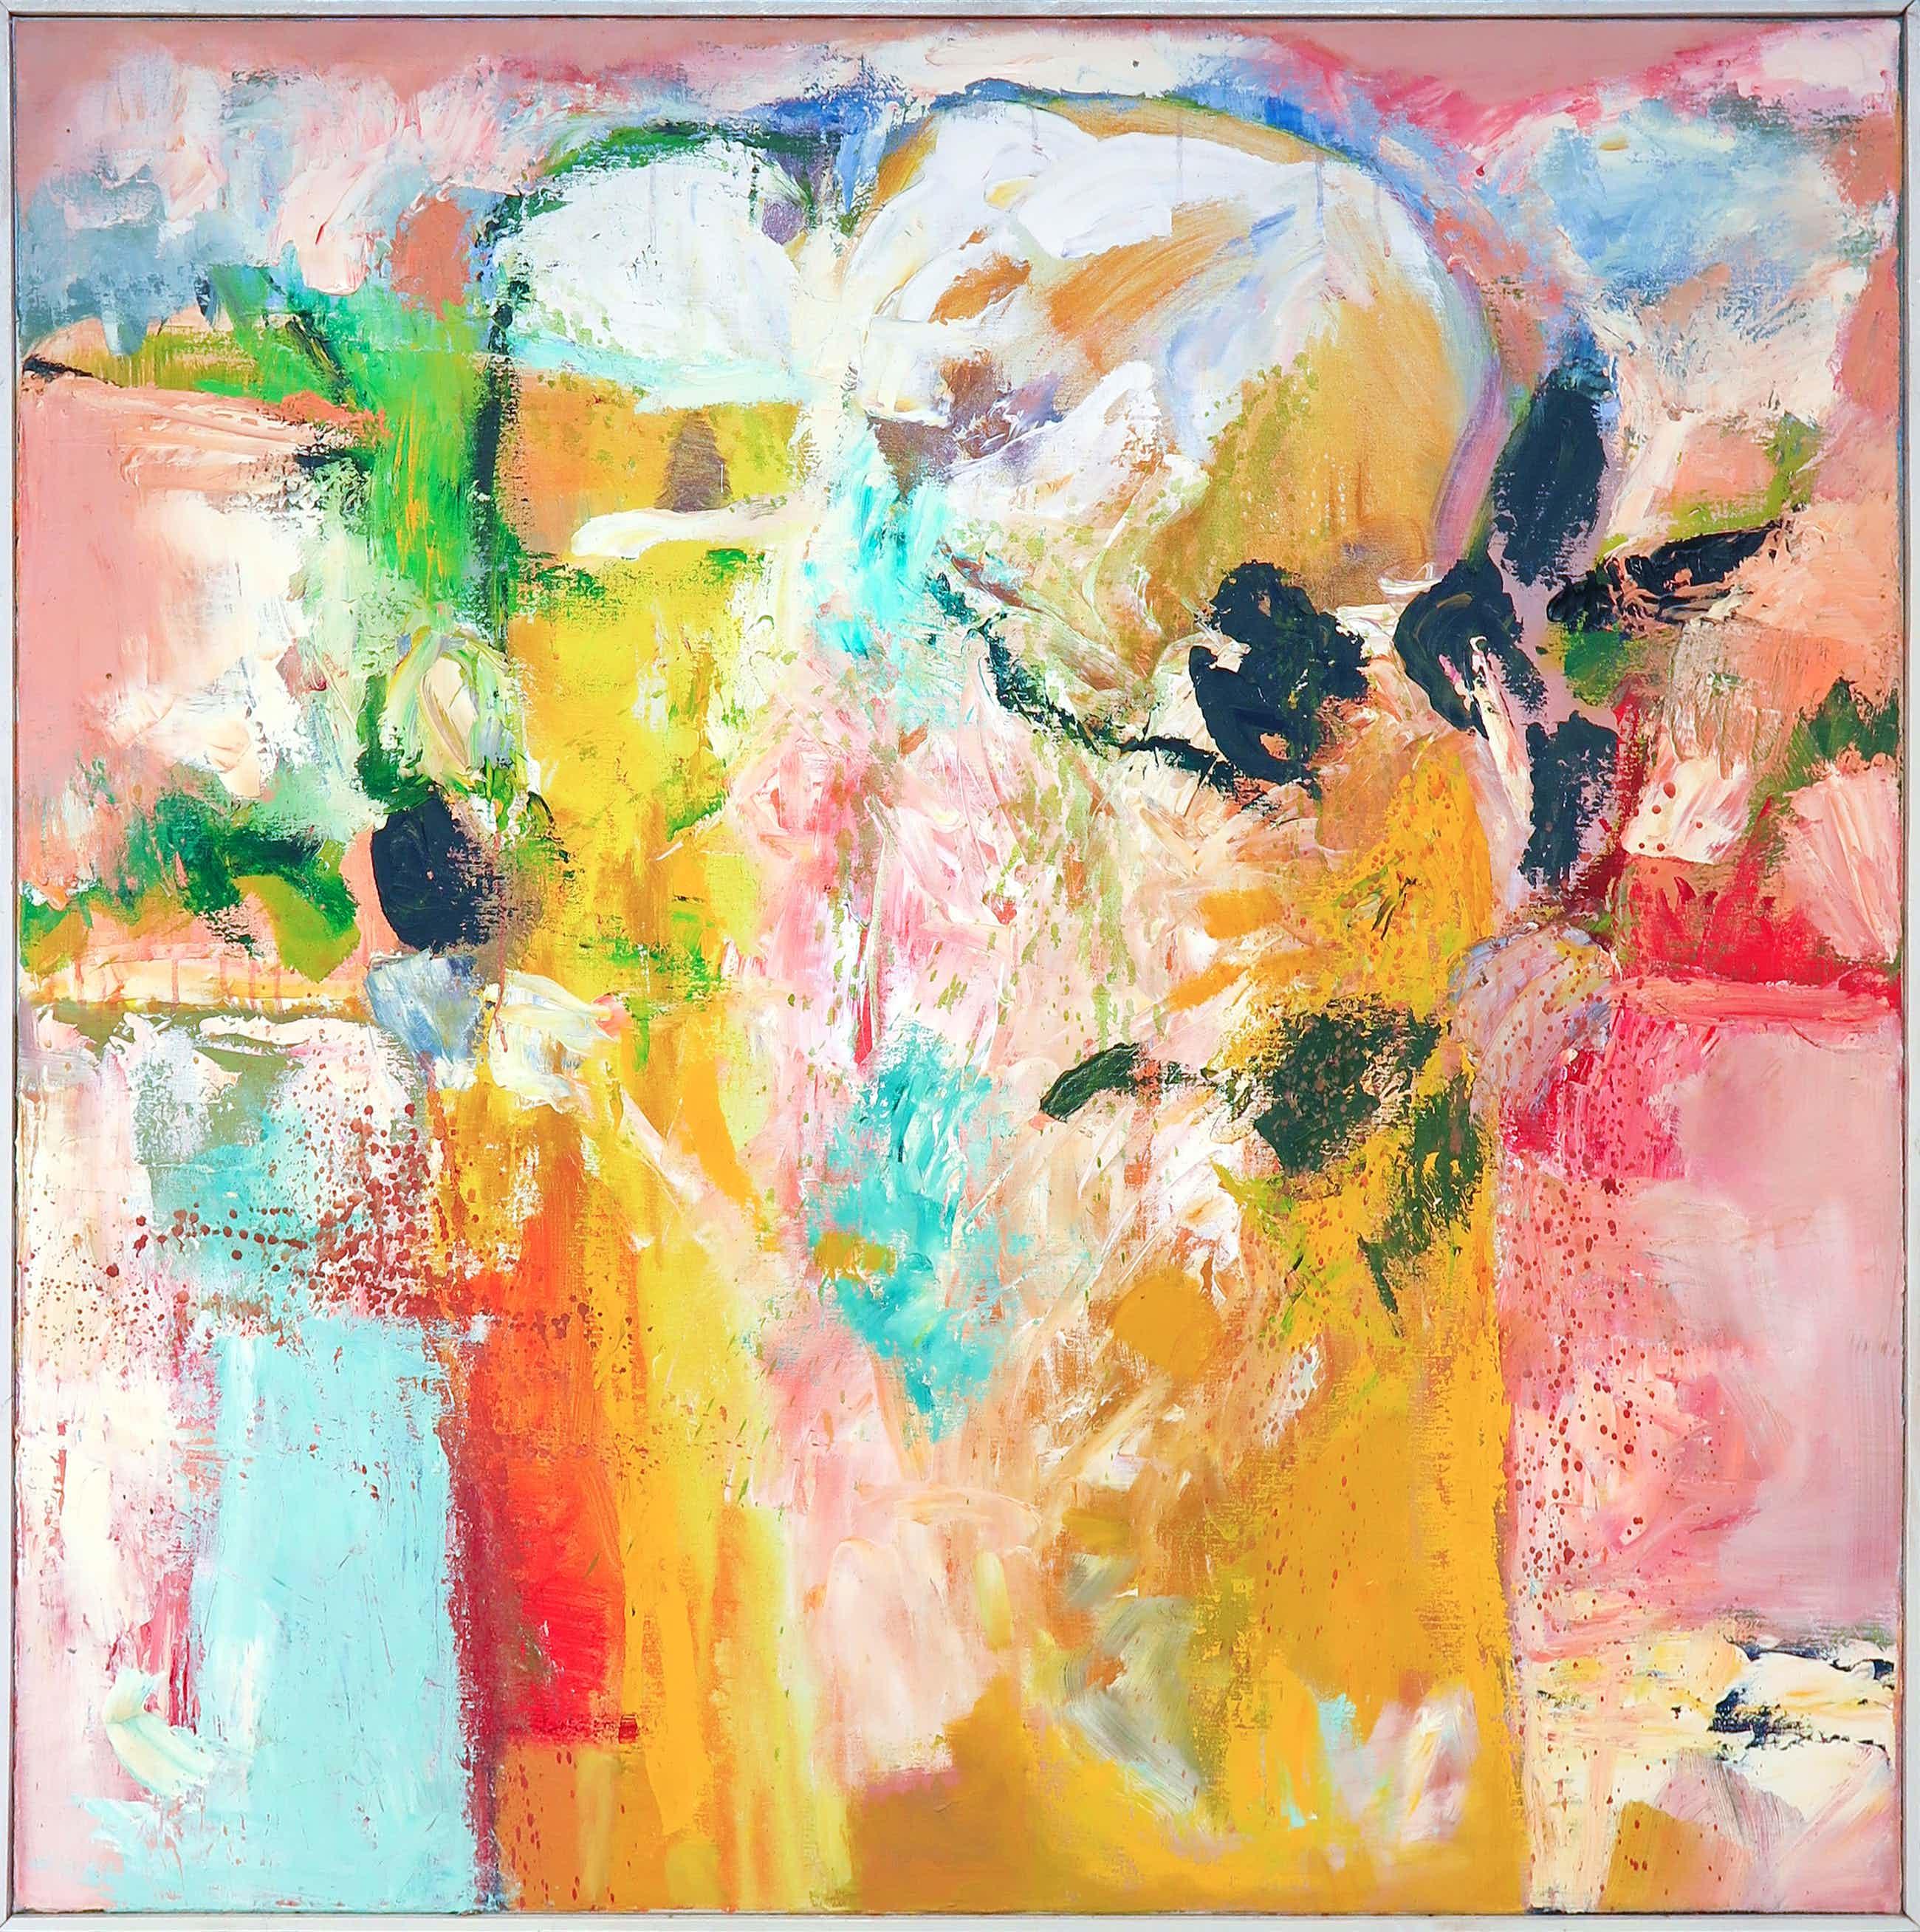 Frans Nicolai - Olieverf op doek, Abstract landschap - Ingelijst (Zeer groot) kopen? Bied vanaf 260!